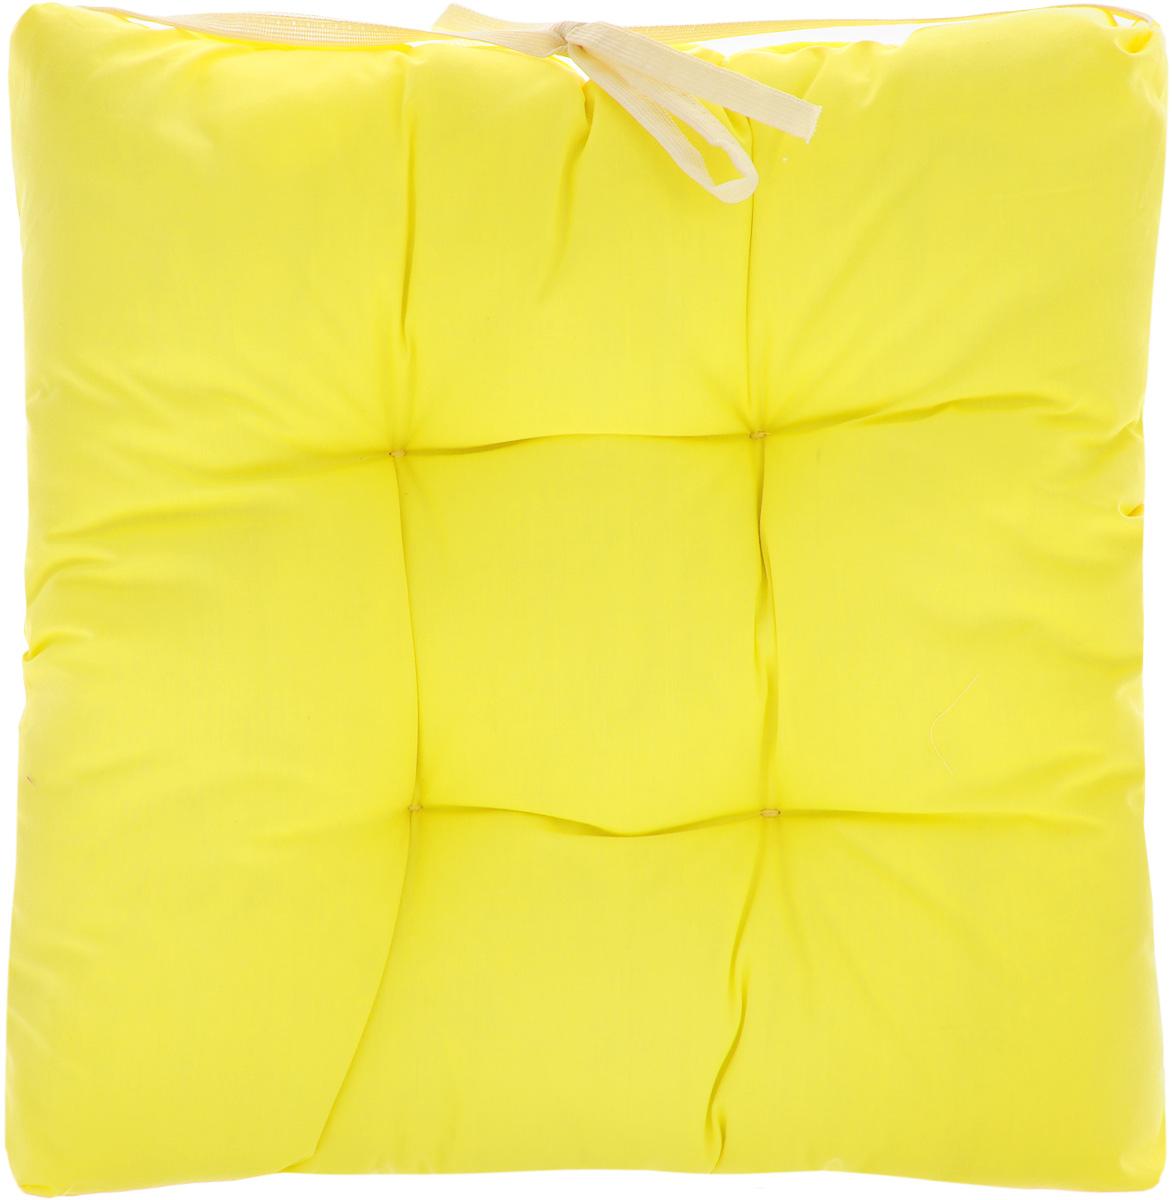 Подушка на стул Eva, объемная, цвет: желтый, 40 х 40 смЕ064_желтыйПодушка Eva, изготовленная из хлопка, прослужит вам не один десяток лет.Внутри - мягкий наполнитель из полиэстера. Стежка надежно удерживает наполнитель внутри и не позволяет ему скатываться. Подушка легко крепится на стул с помощью завязок.Правильно сидеть - значит сохранить здоровье на долгие годы. Жесткие сидения подвергают наше здоровье опасности. Подушка с наполнителем из полиэстера поможет предотвратить многие беды, которыми грозит сидячий образ жизни.